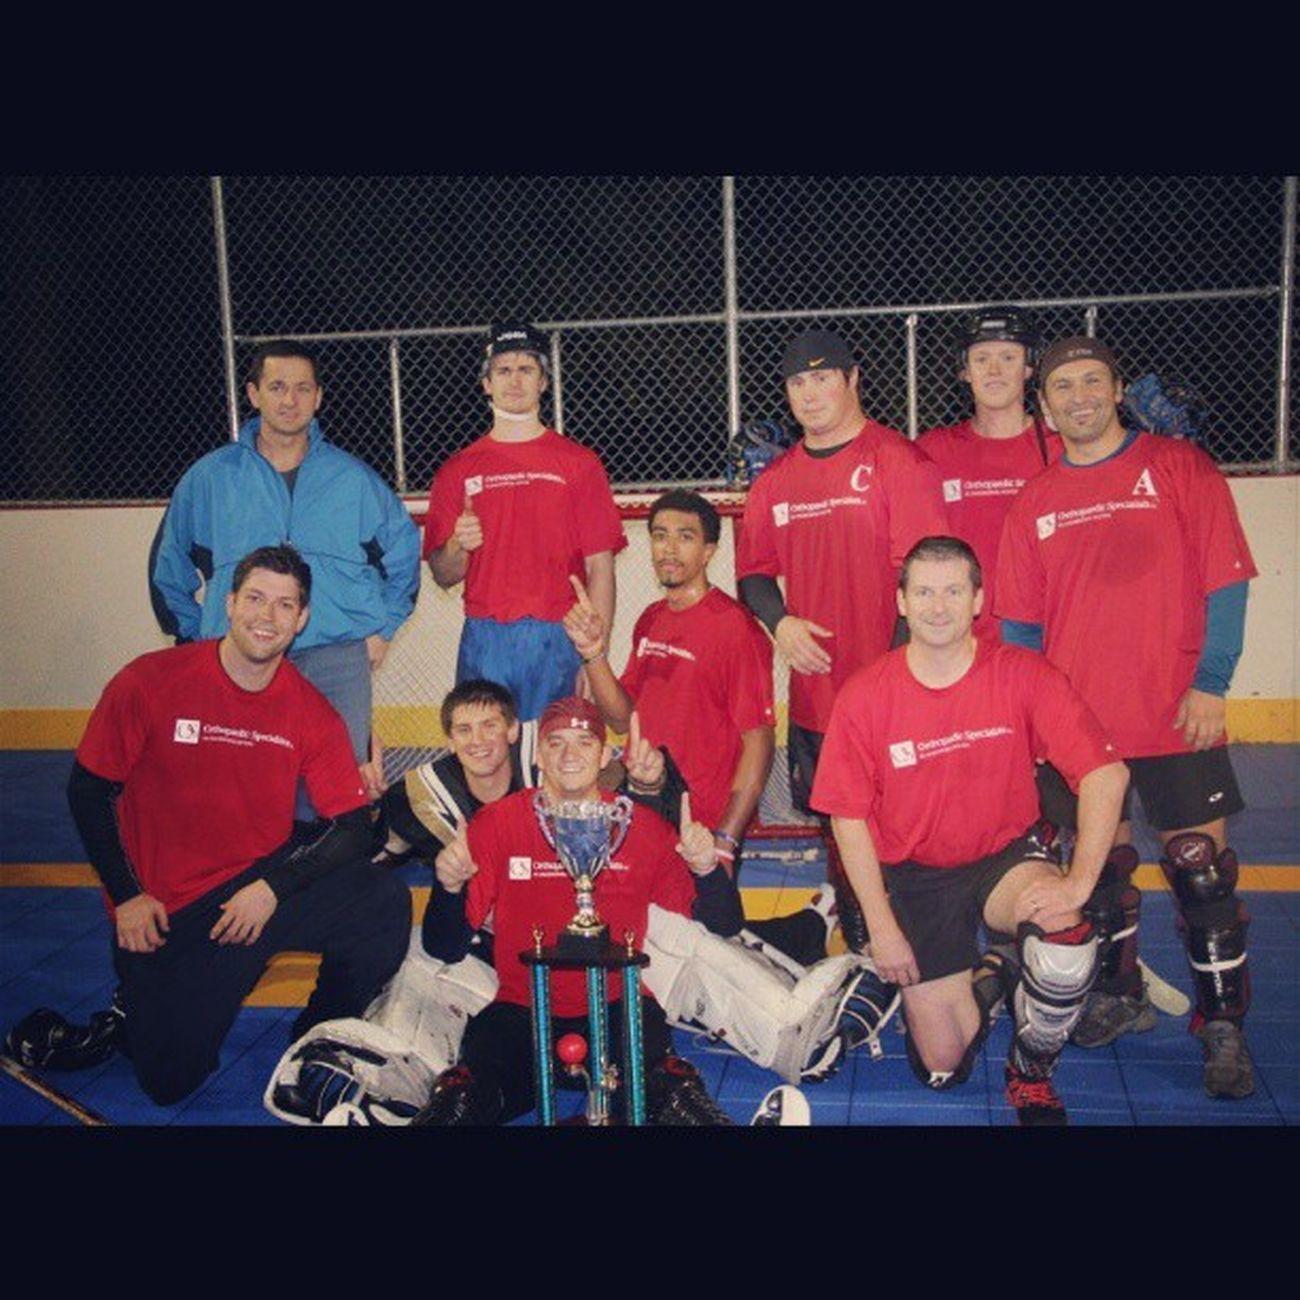 Dek Hockey domination starts tonight Qcdekhockey